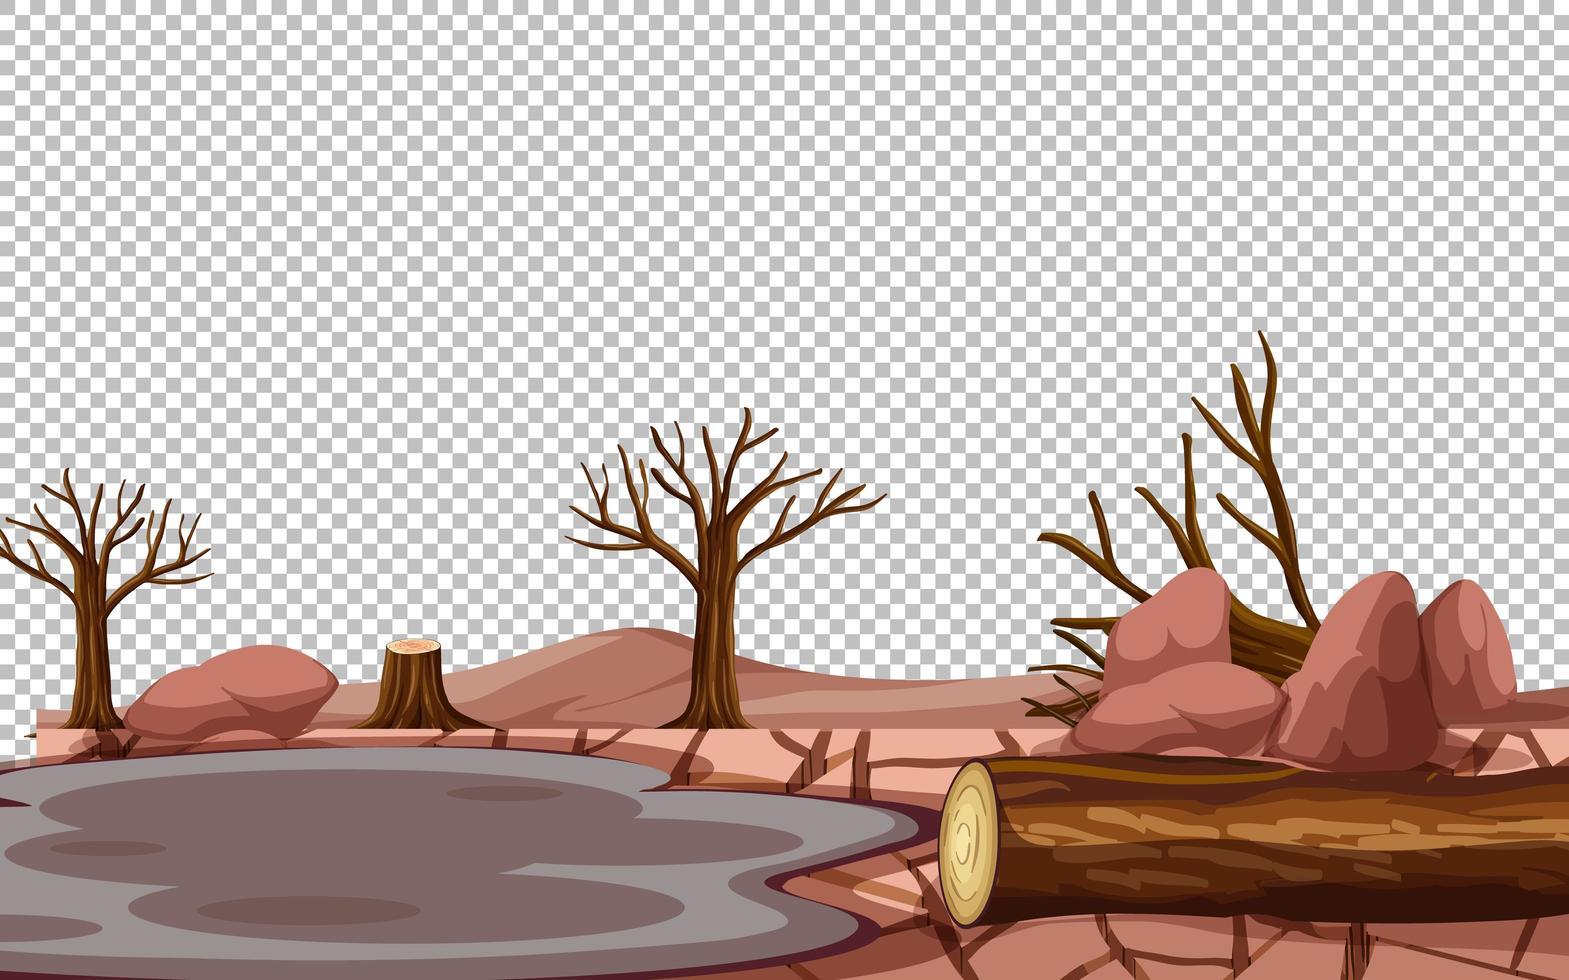 fond transparent de paysage de sécheresse vecteur